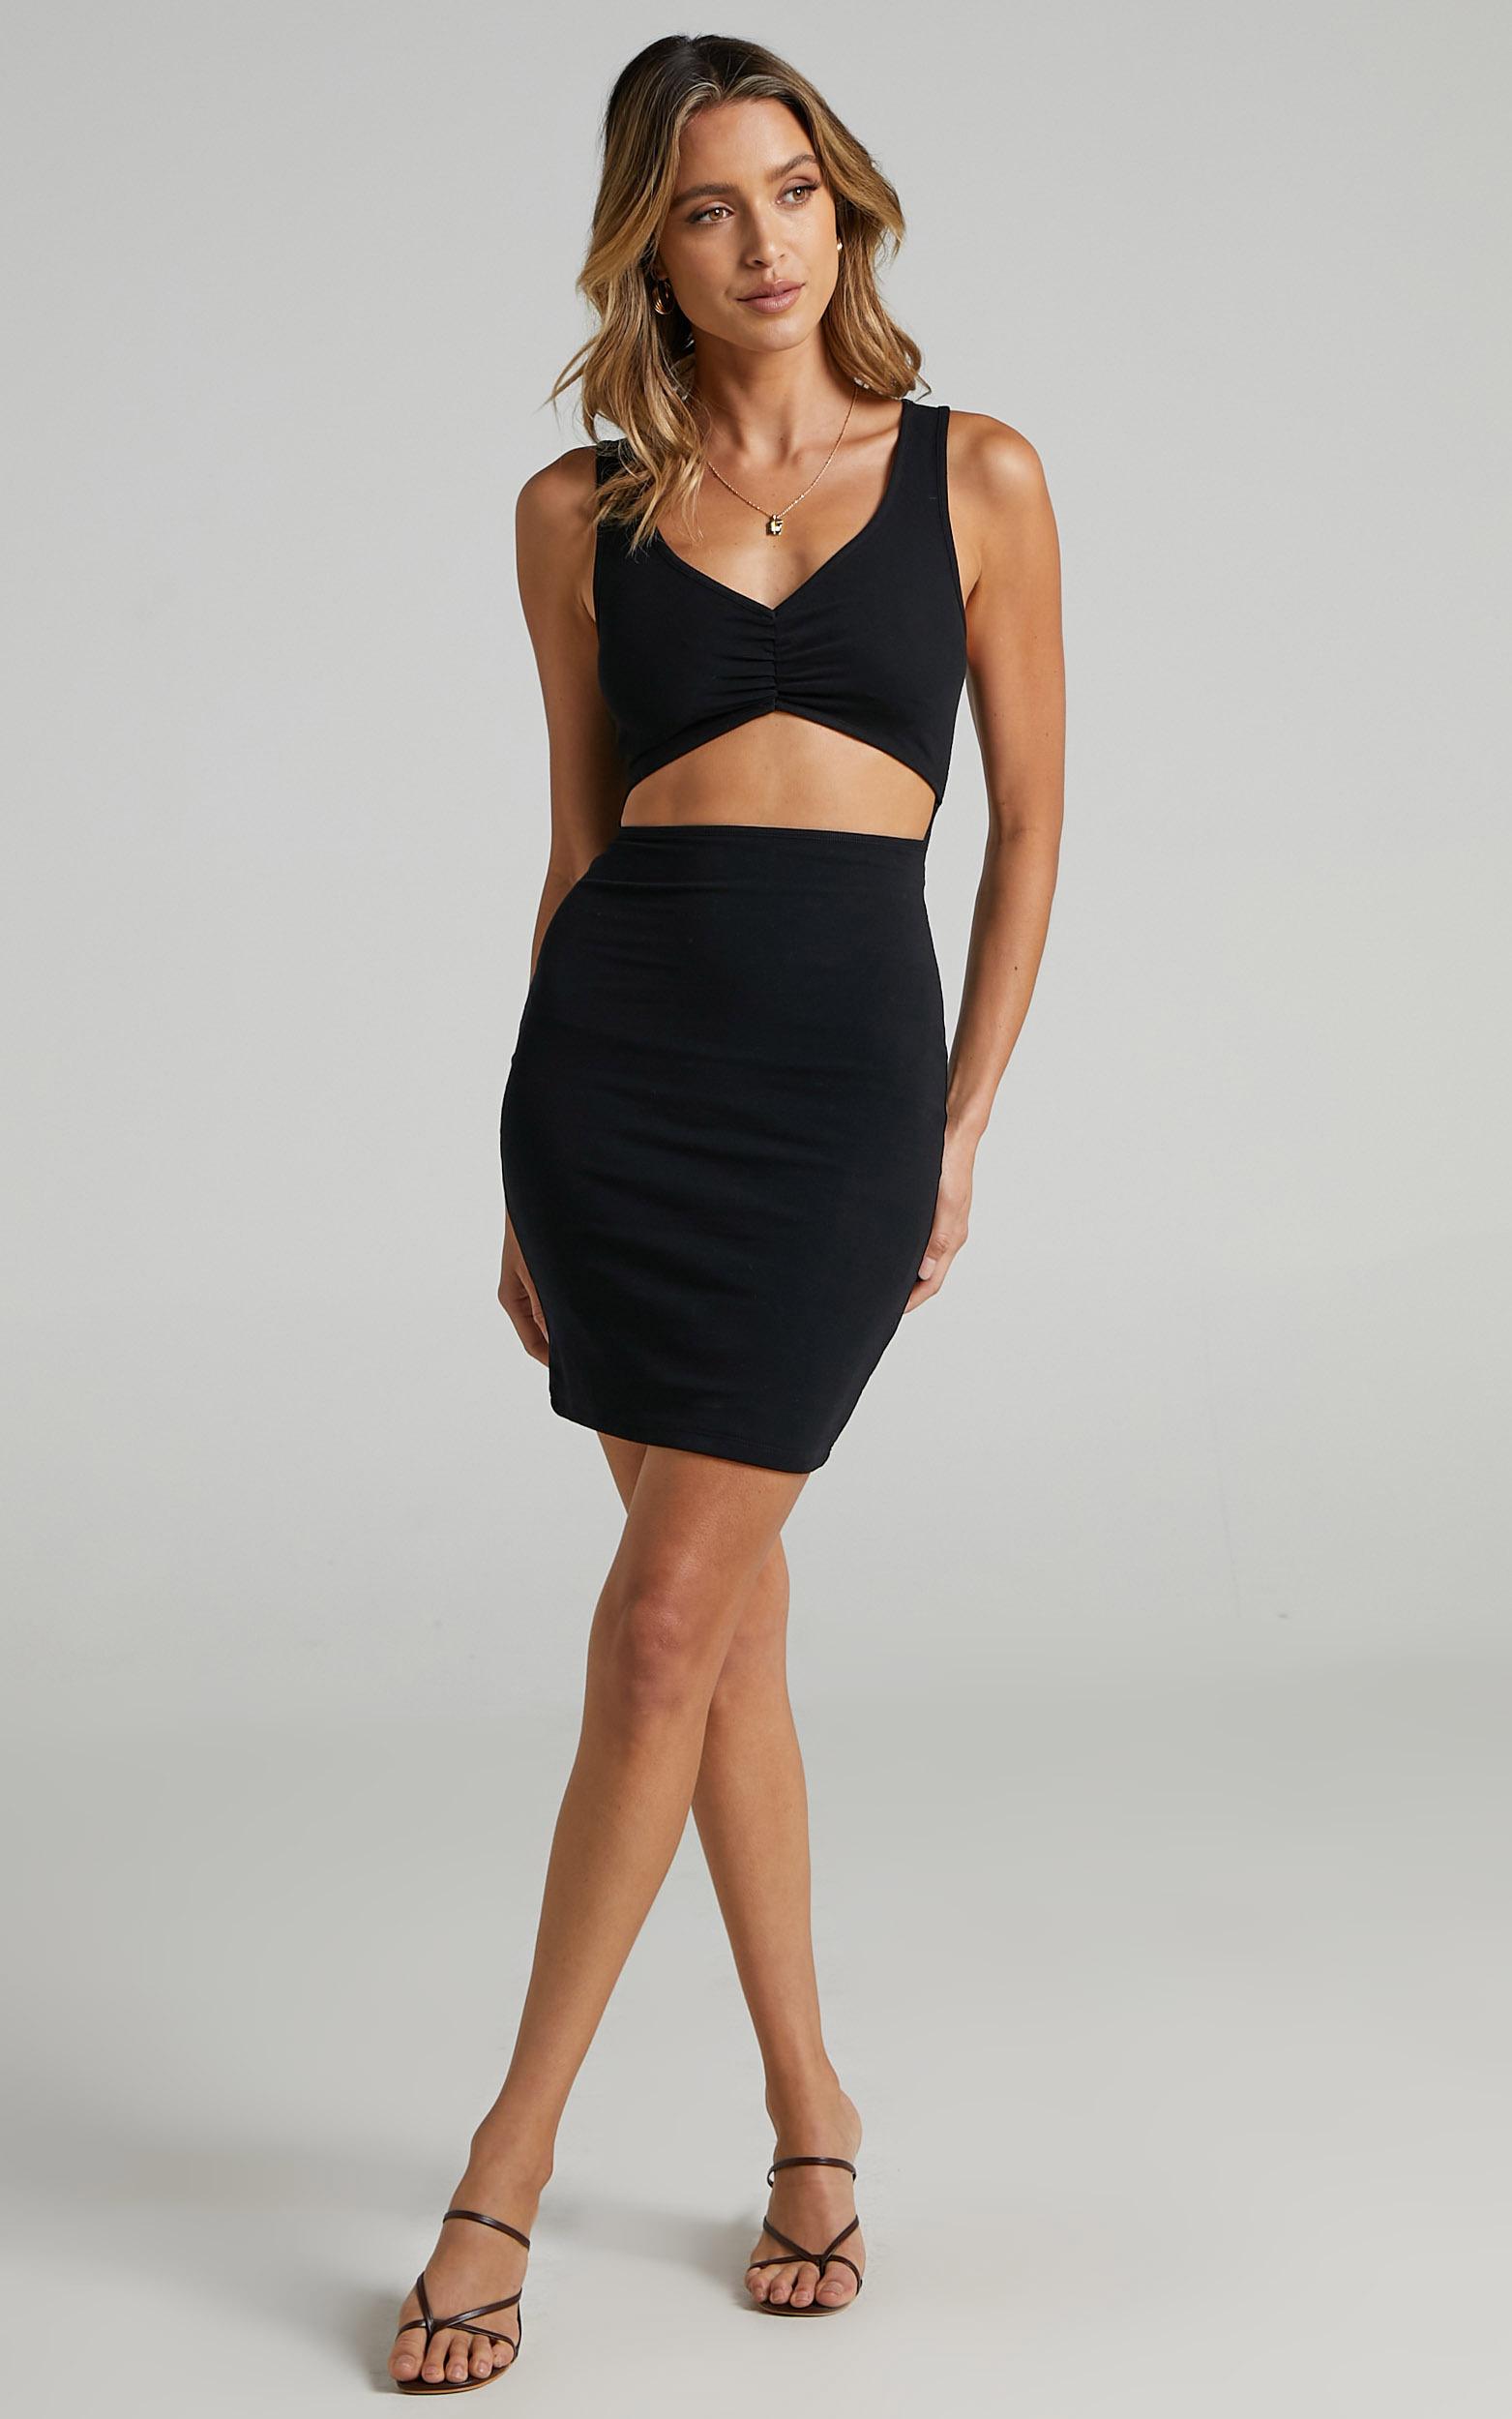 Minx Dress in Black - 06, BLK1, hi-res image number null